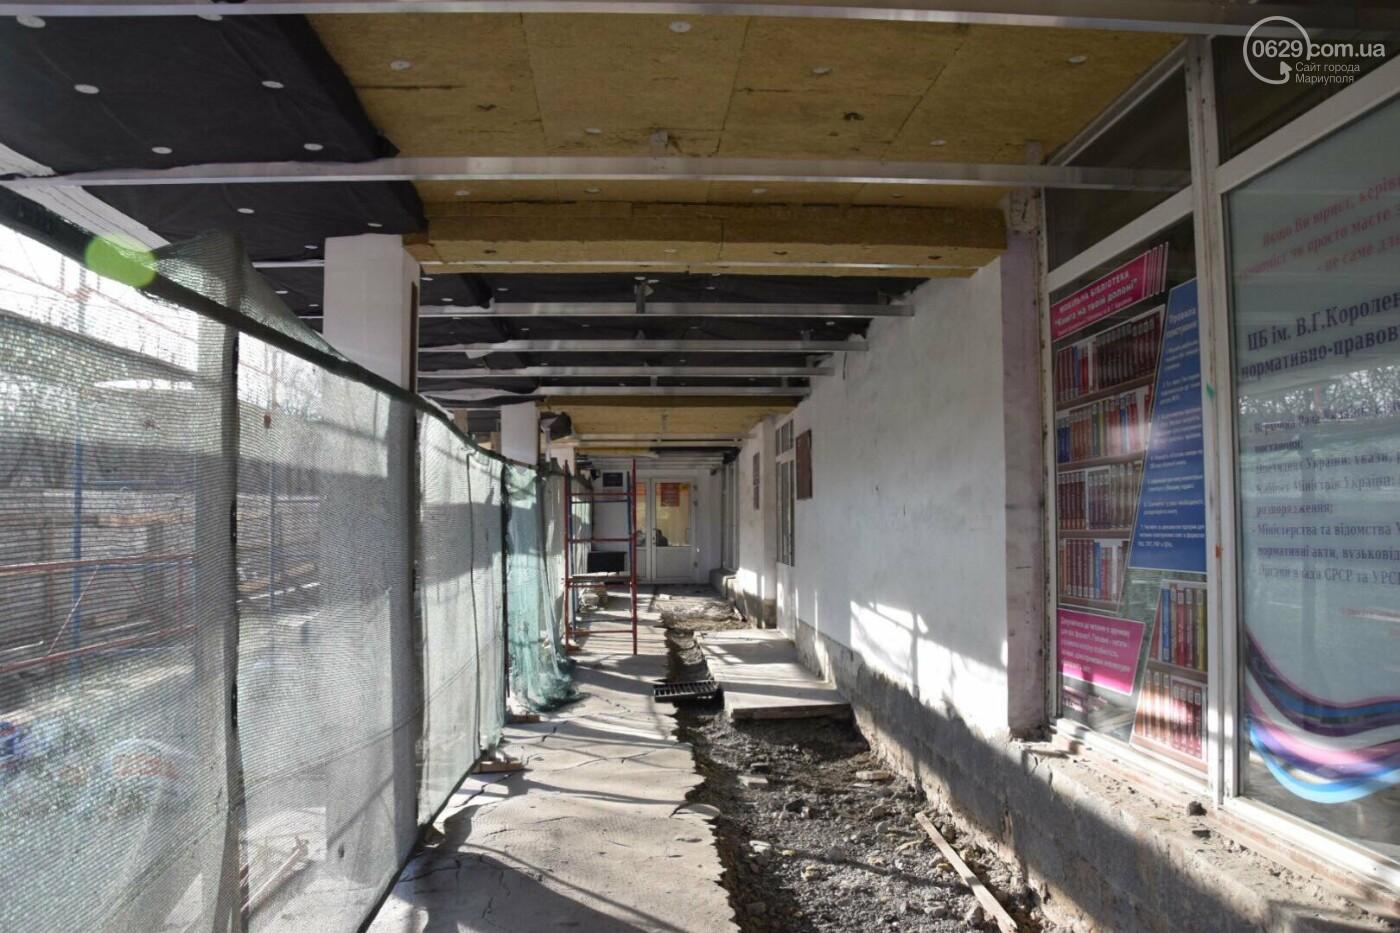 Как проходит ремонт главной библиотеки Мариуполя, - ФОТОРЕПОРТАЖ, фото-9